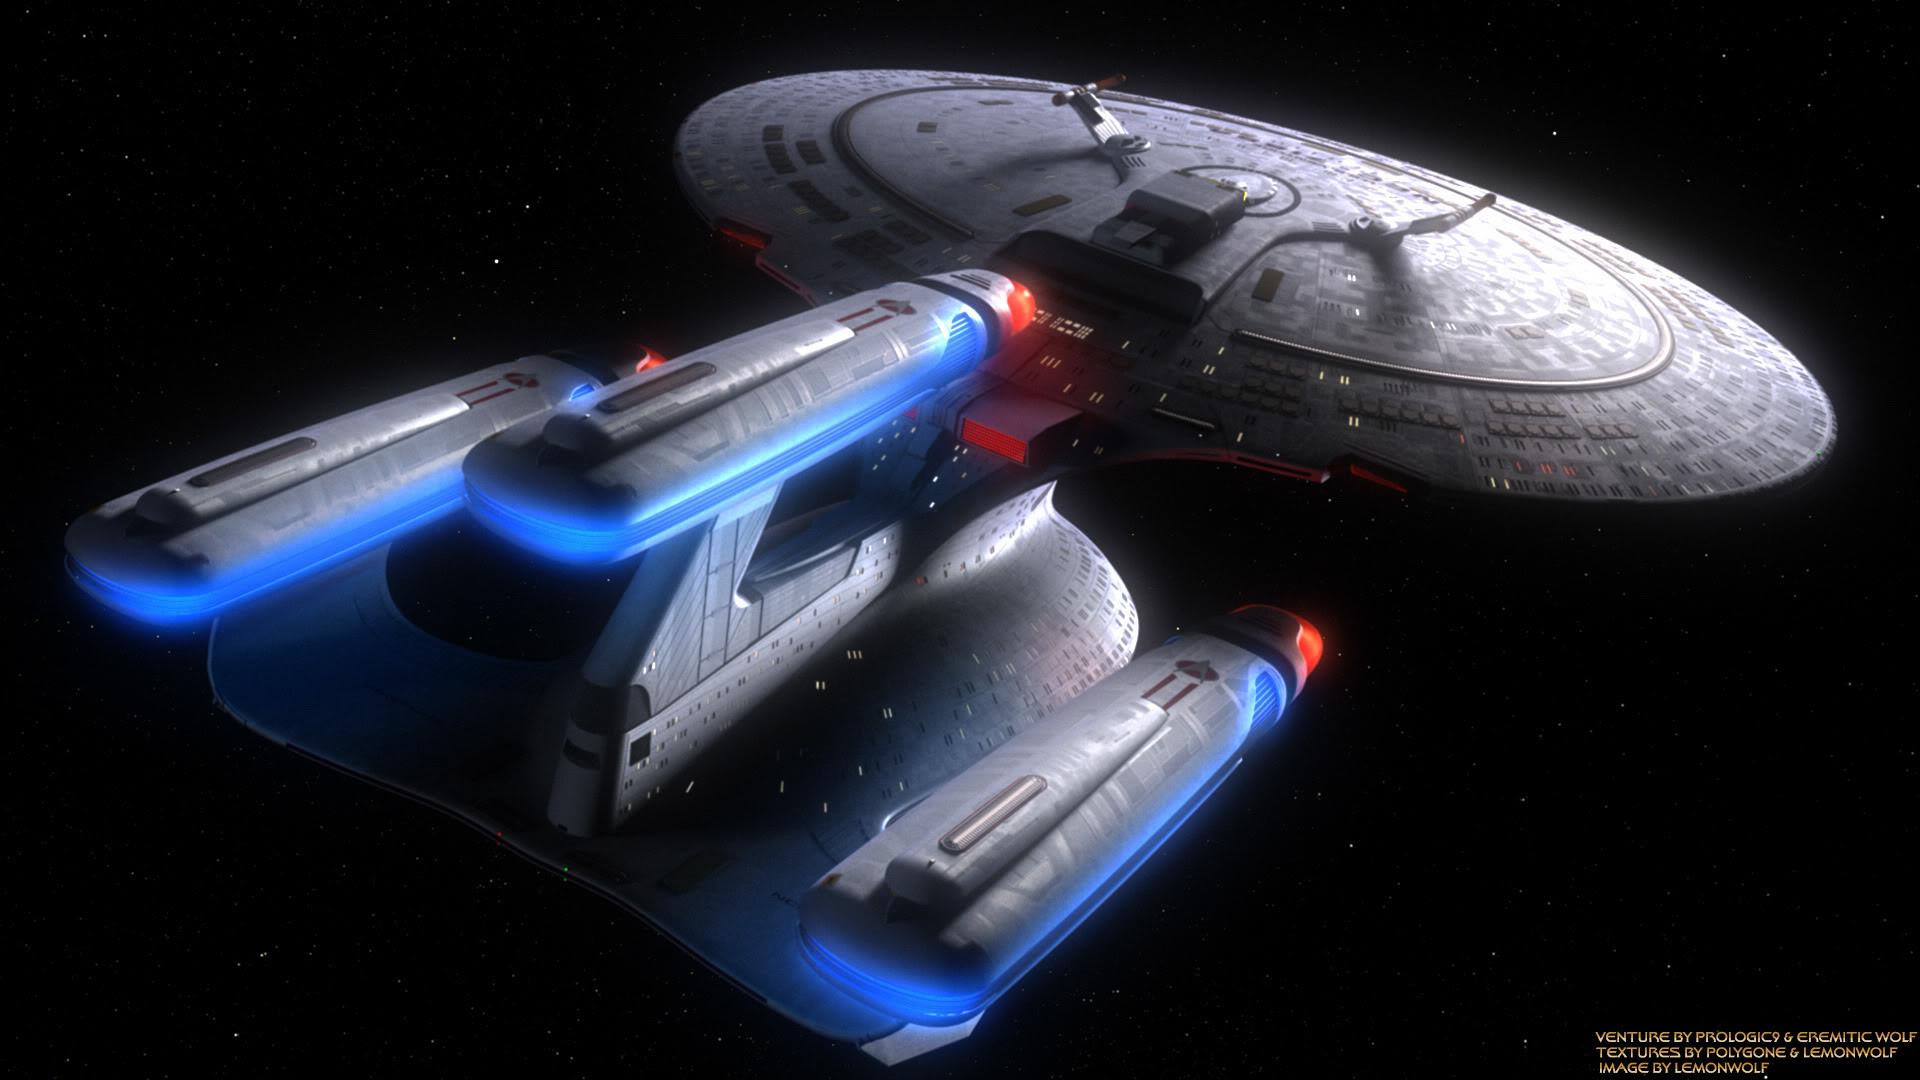 Star Trek Wallpaper   … Wallpapers ››Star Trek Galaxy Class Dread Nought